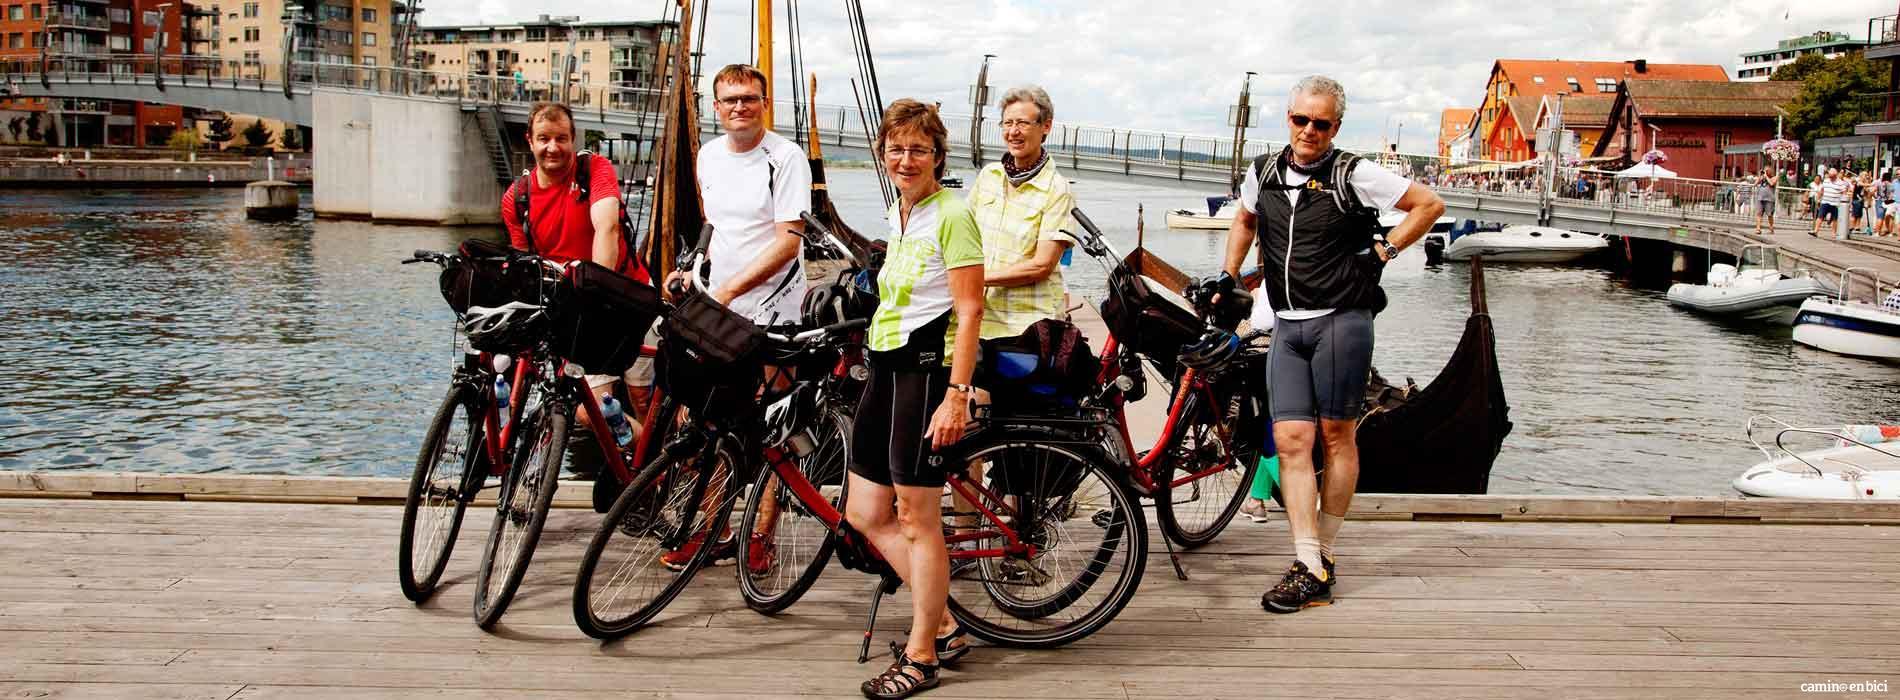 Recorrer el Fiordo de Oslo en bicicleta con amigos!